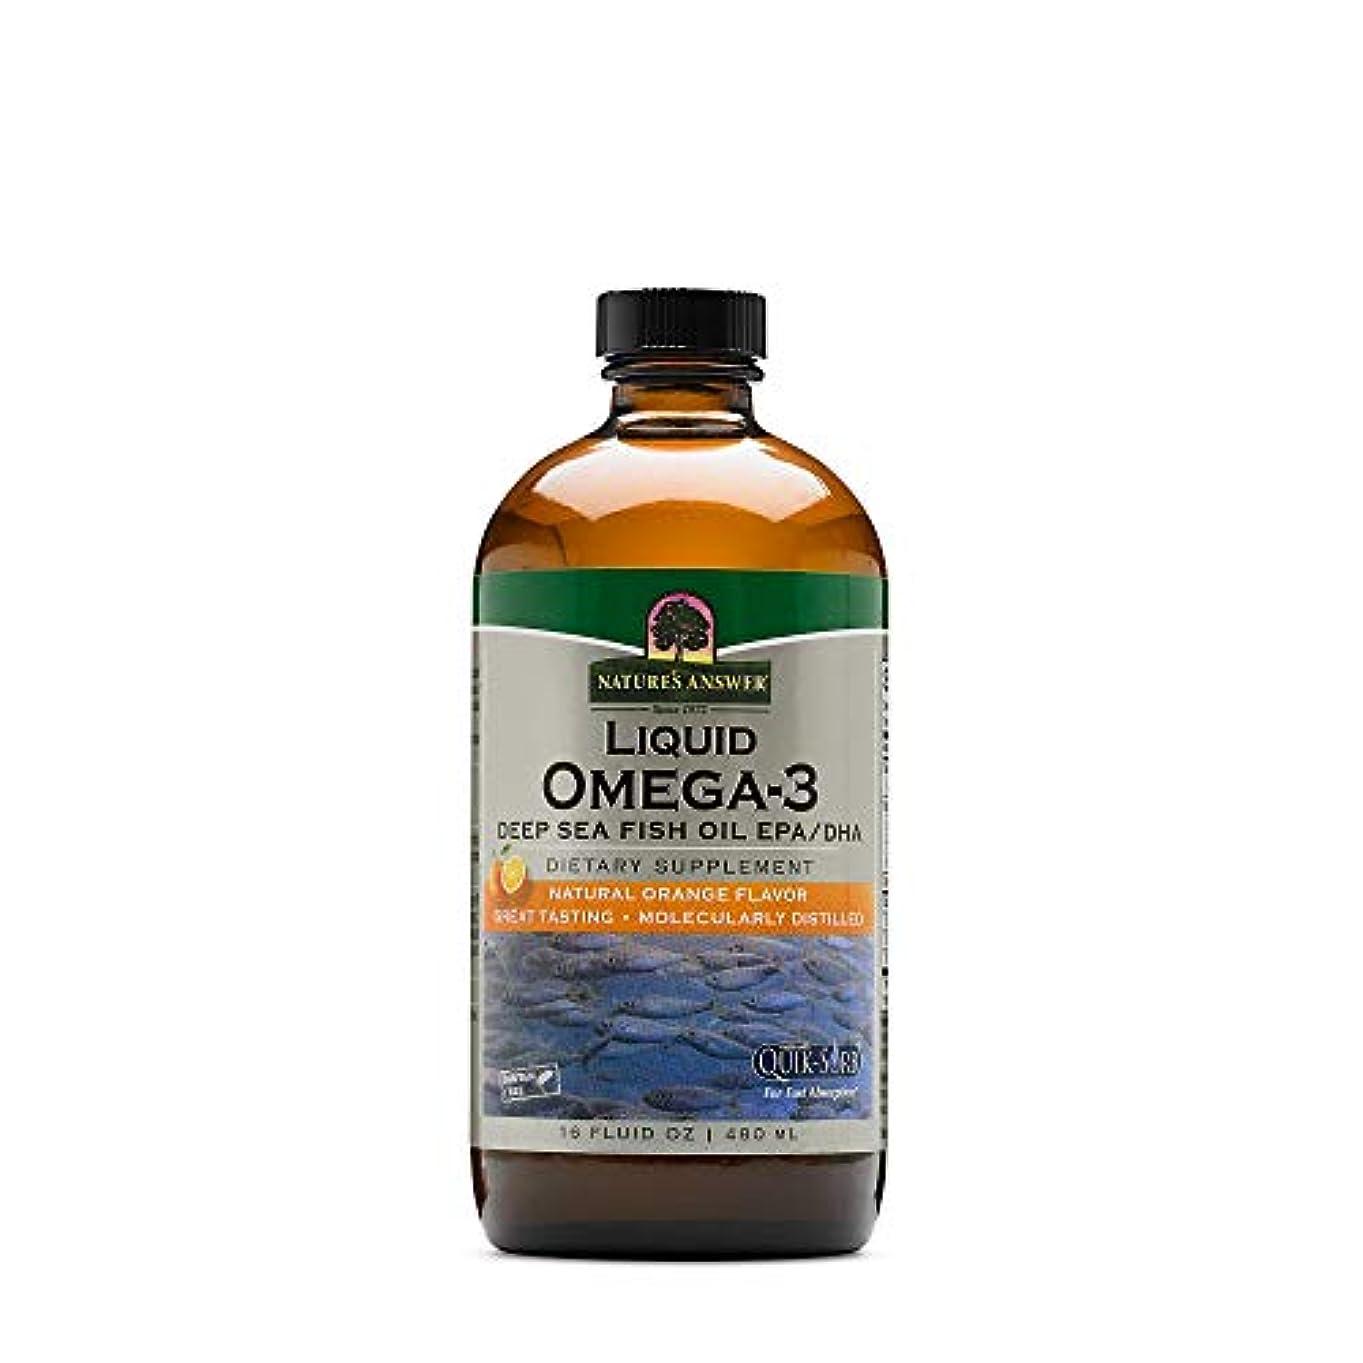 影響力のある議題背景海外直送品Nature's Answer Liquid Omega 3 Deep Sea Fish Oil Epa/dha, 16 Oz